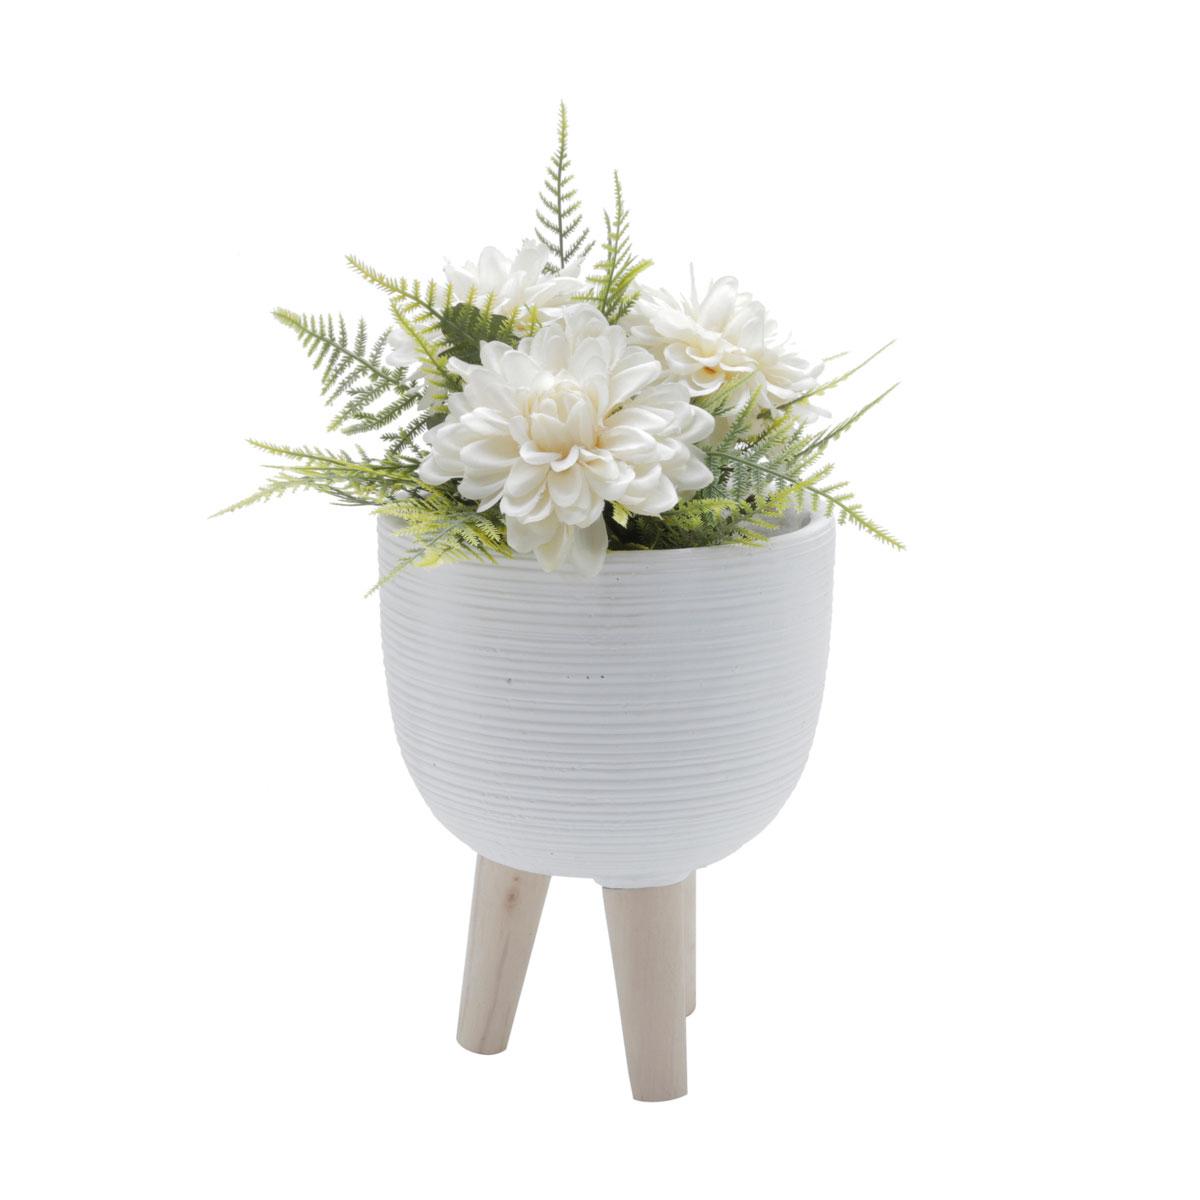 Vaso Concreto Decorativo Branco com Pé Madeira - Presente Super